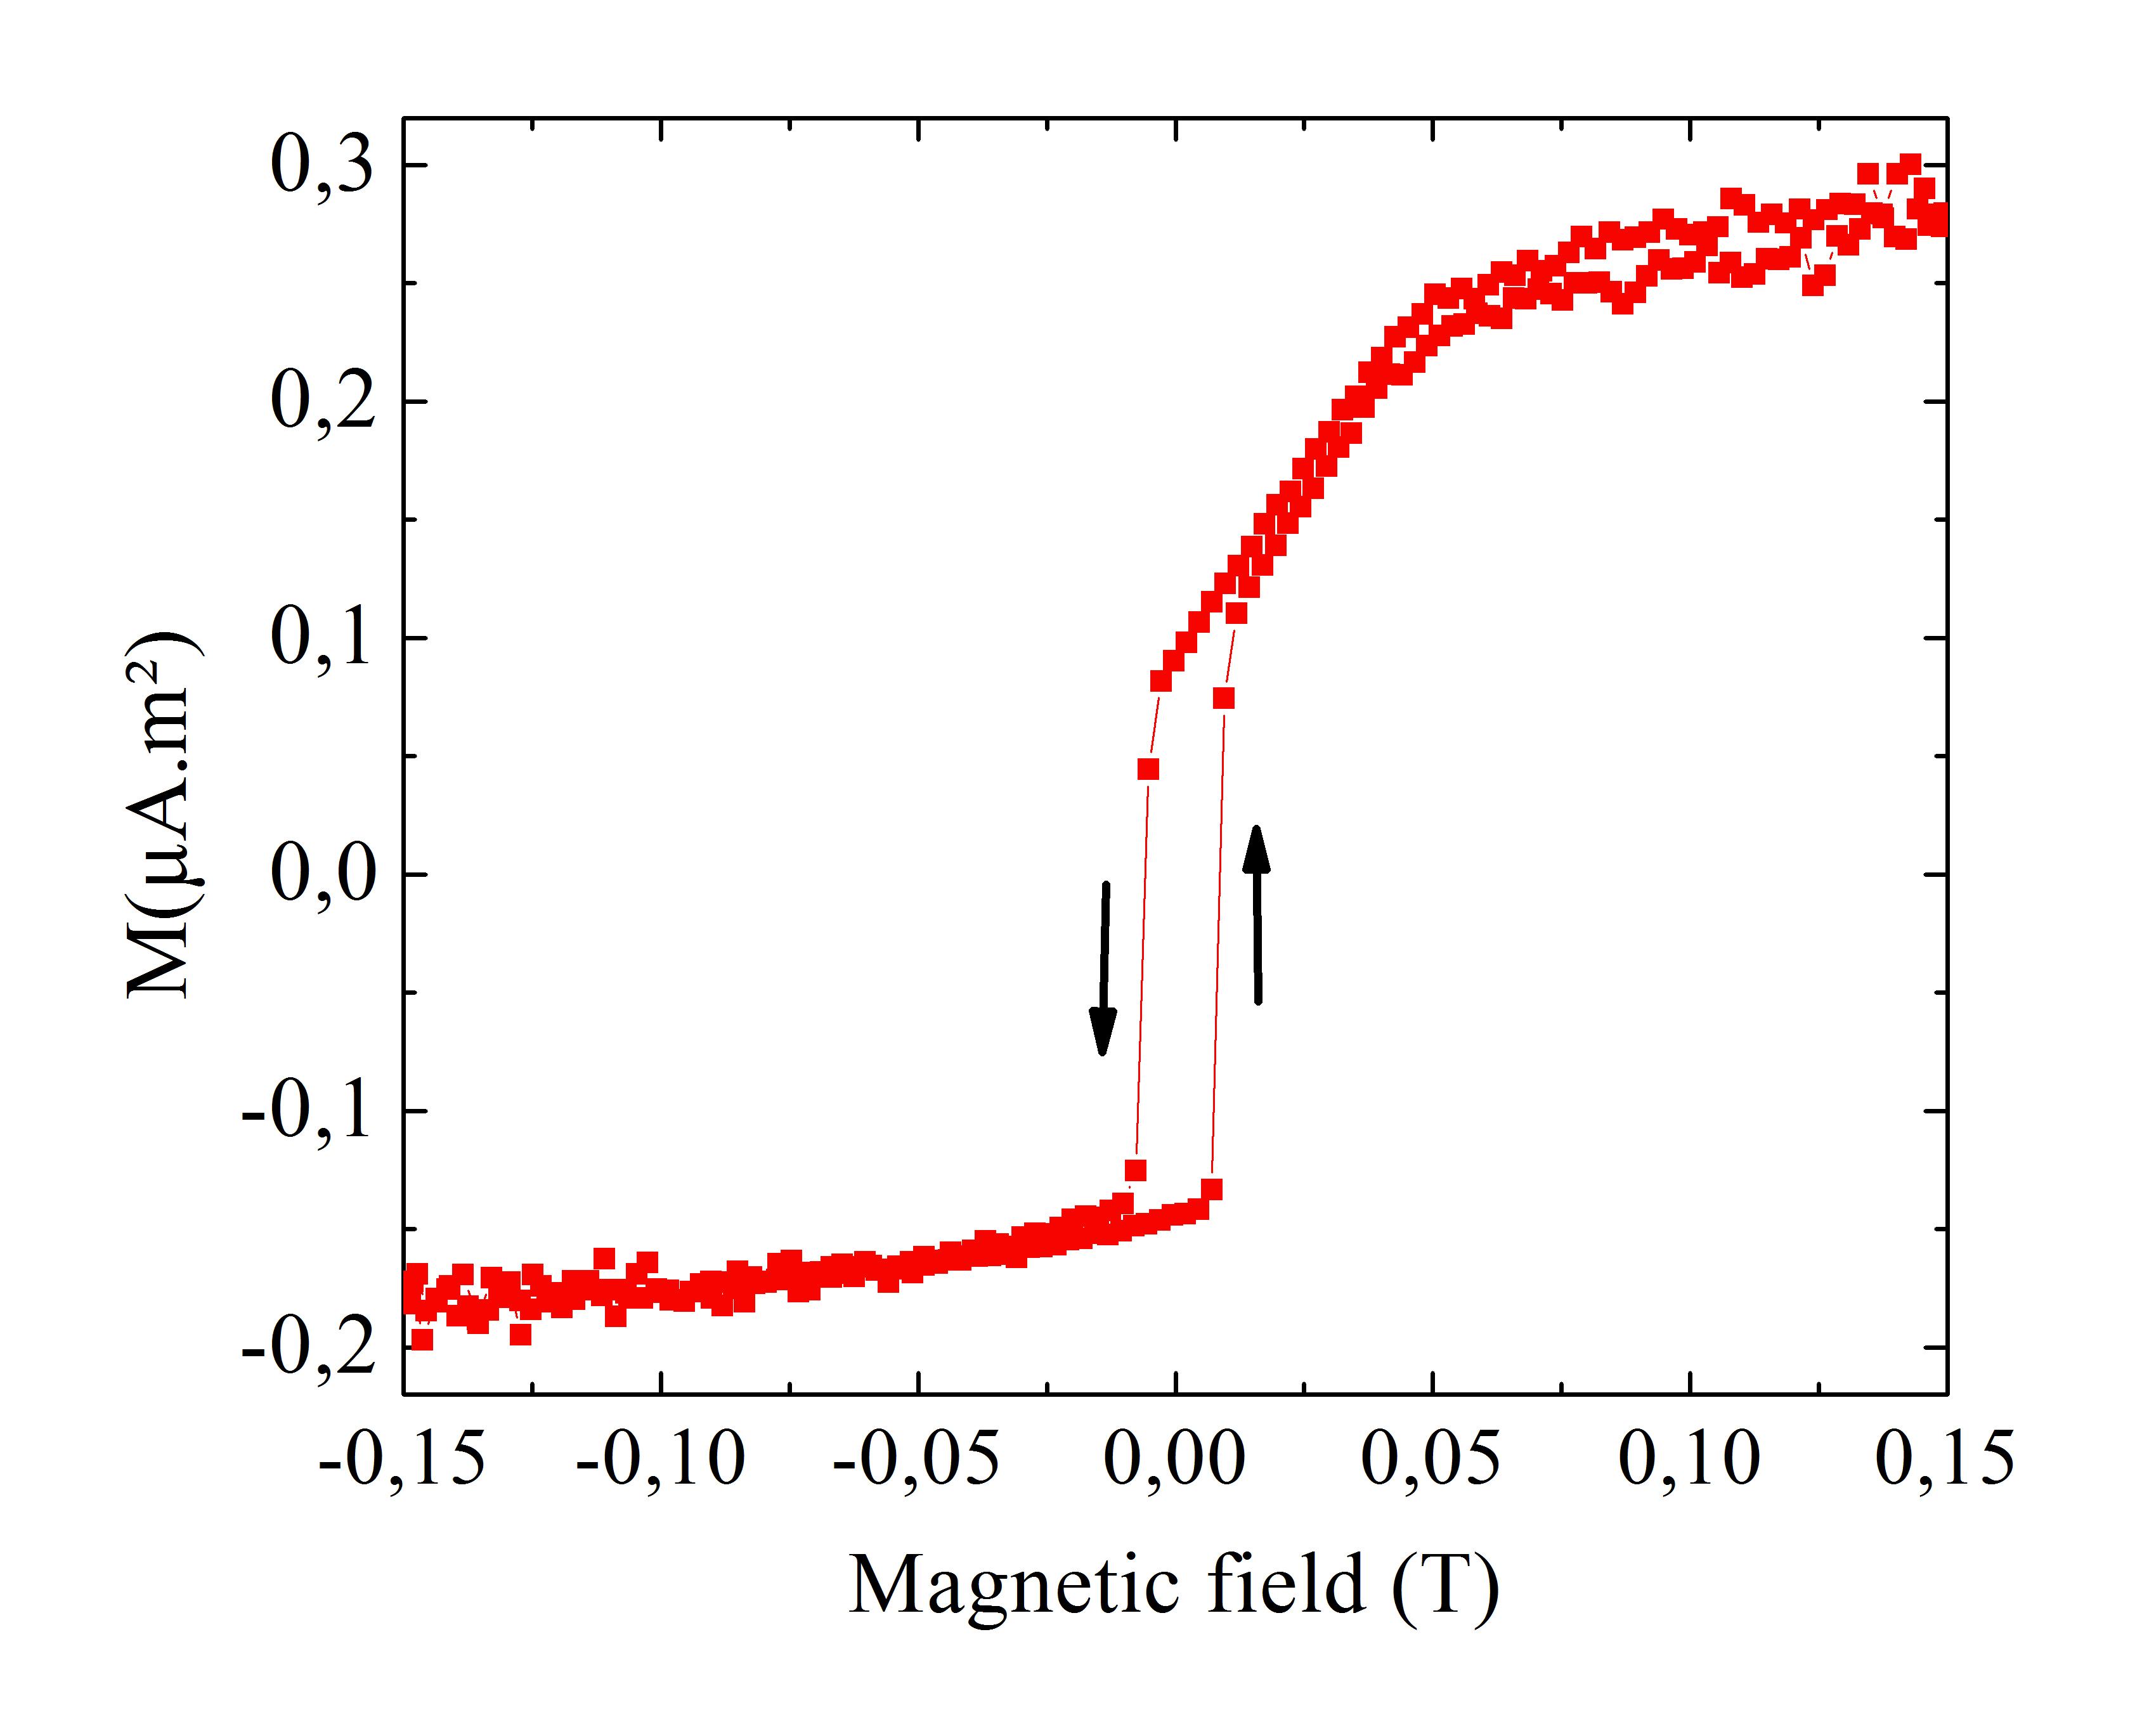 Mise en évidence de la présence d'un couplage antiferromagnétique inhomogène à l'interface de deux matériaux oxyde ferromagnétiques